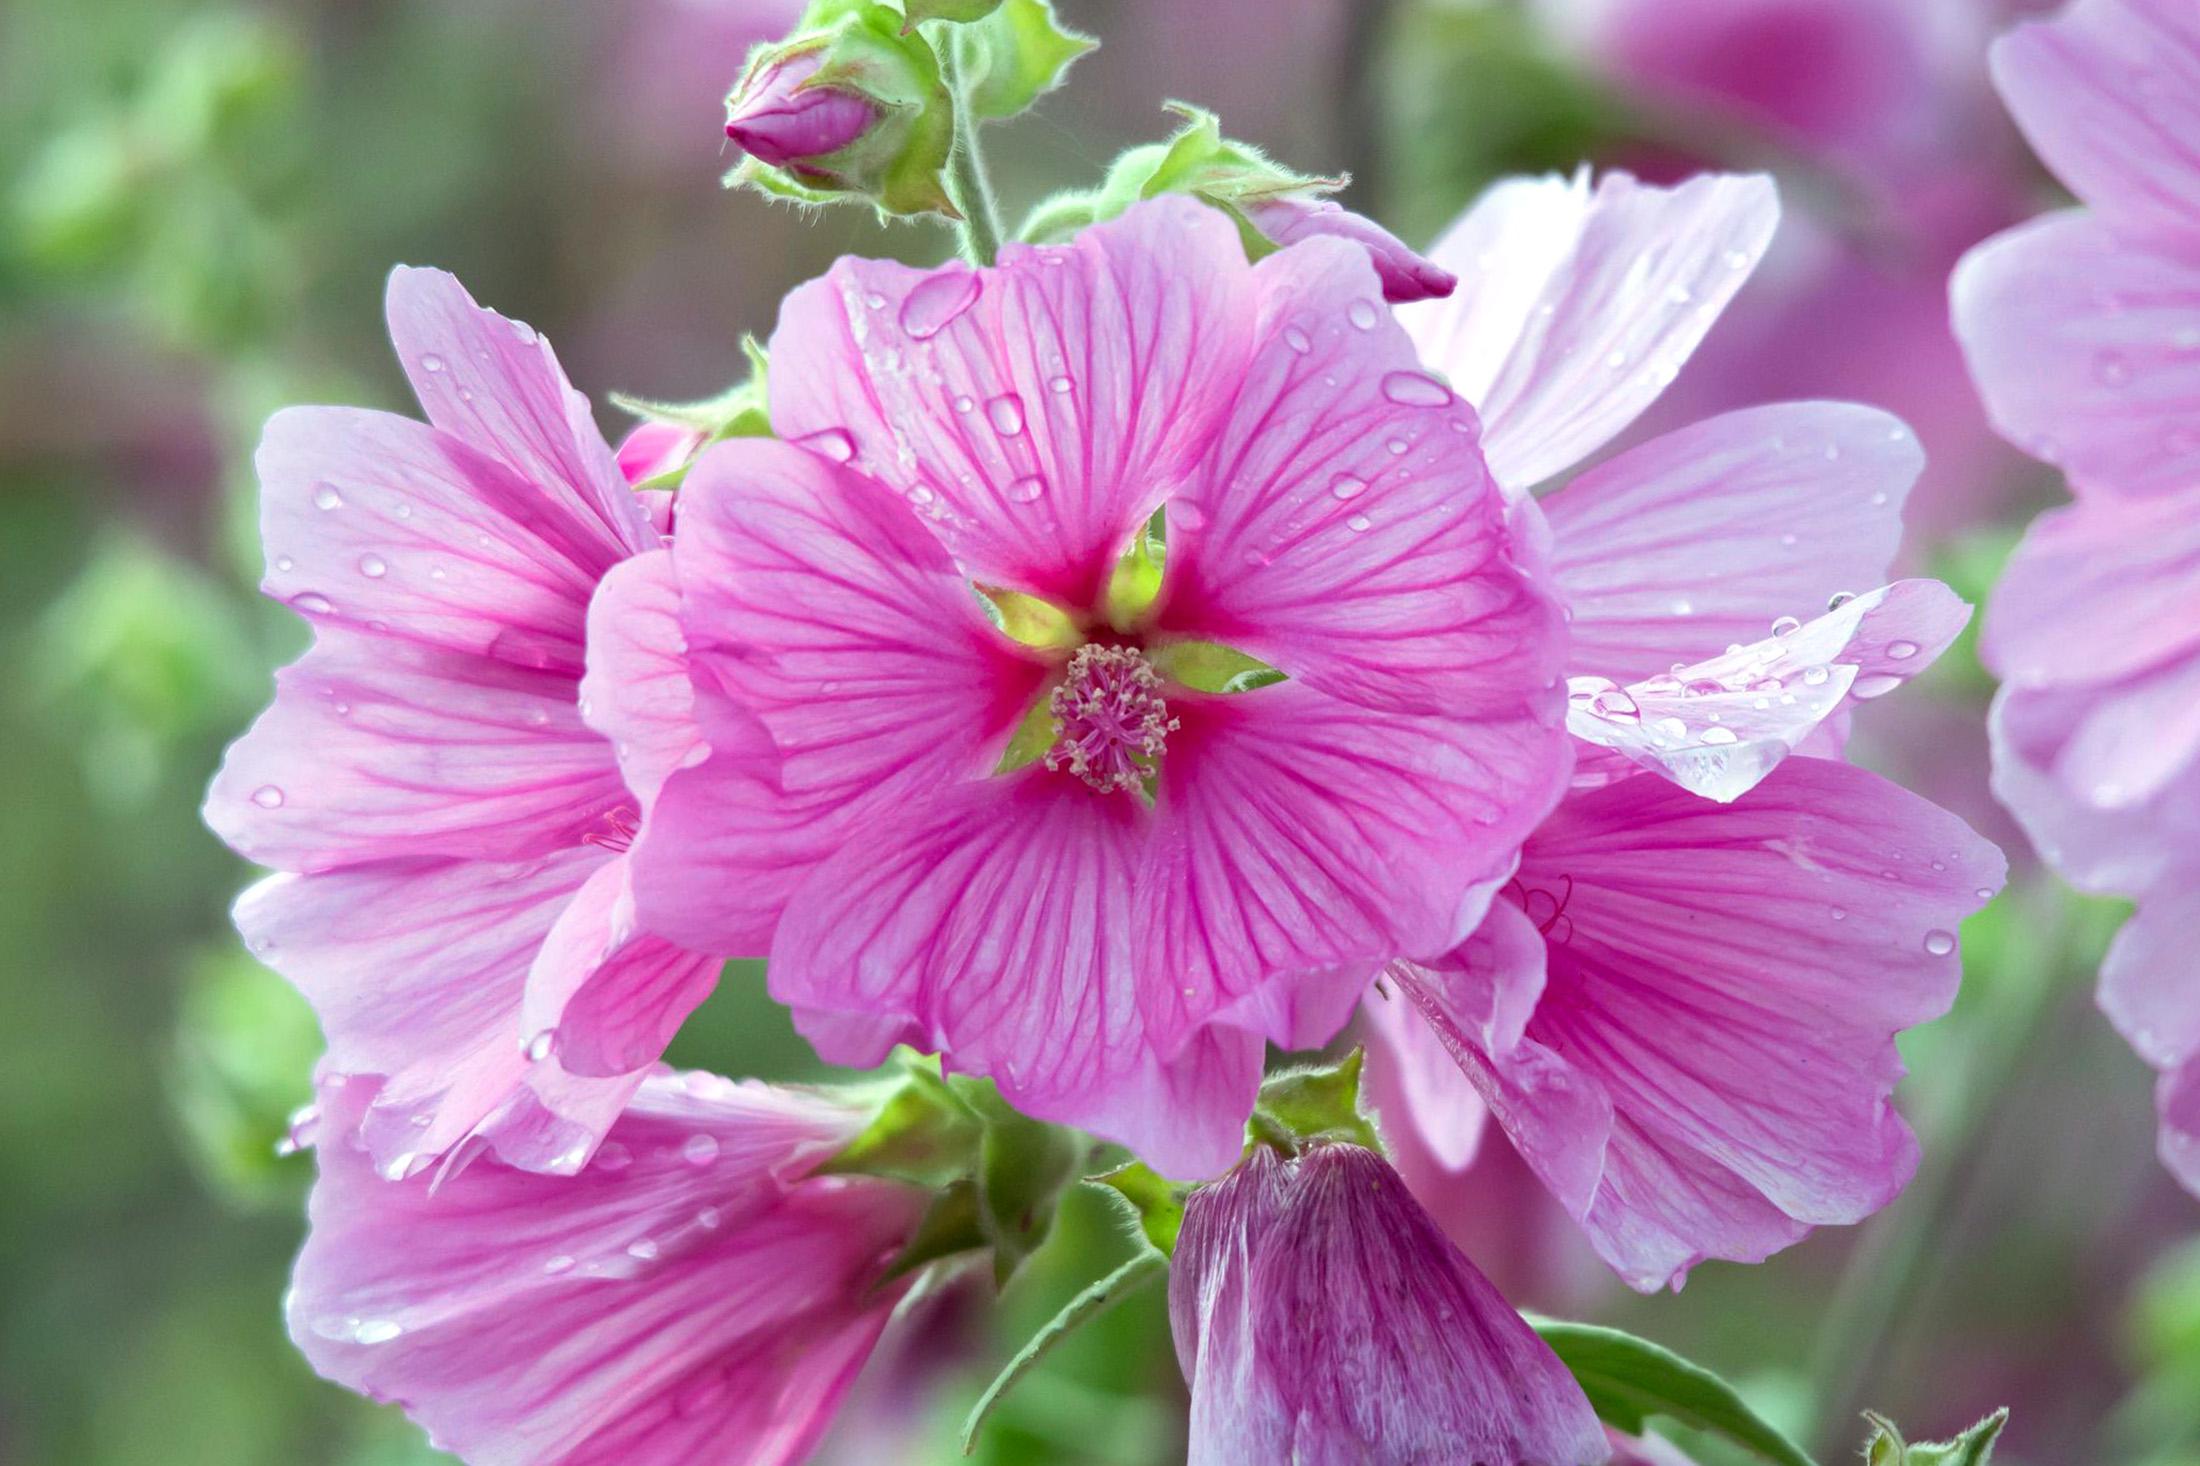 Rausvos rožūnės (lauko gėlės)